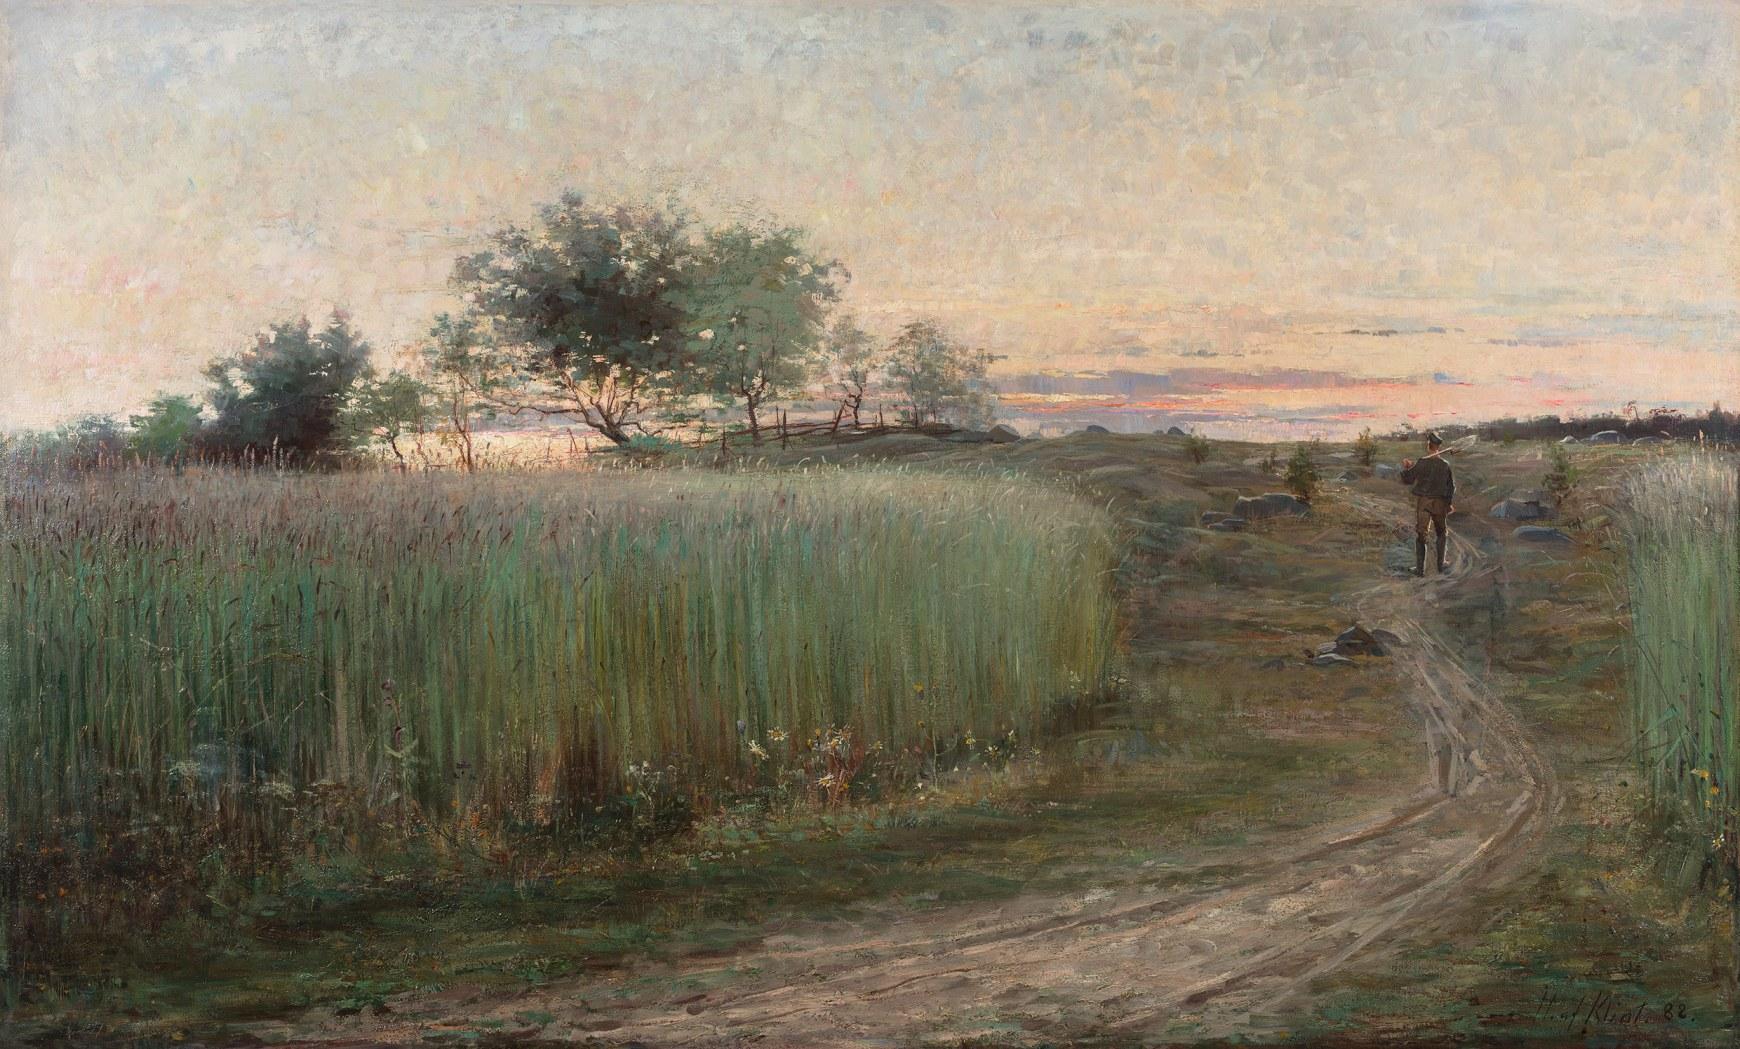 Hilma af Klint, Summer Landscape (Sommarlandskap), 1888. Oil on canvas, 88 x 148 cm. Dorsia Hotel, Gothenburg, Sweden. Photo: Albin Dahlström, Moderna Museet, Stockholm